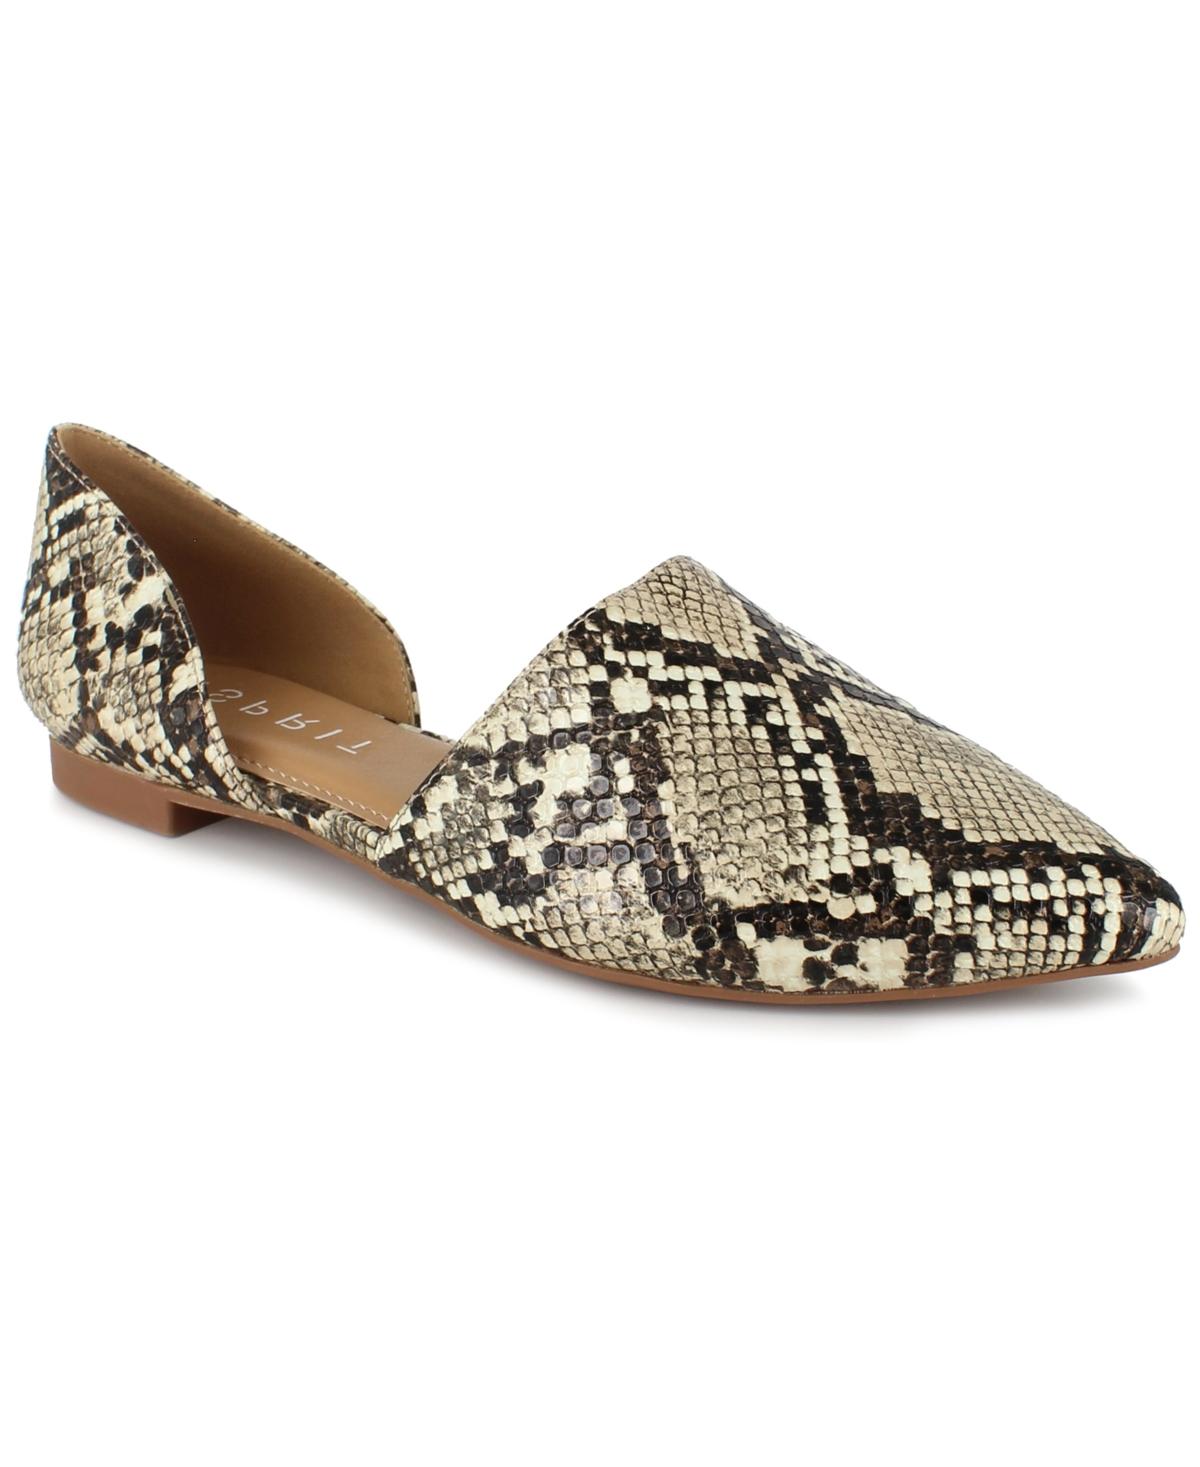 Esprit Piper Flats Women's Shoes